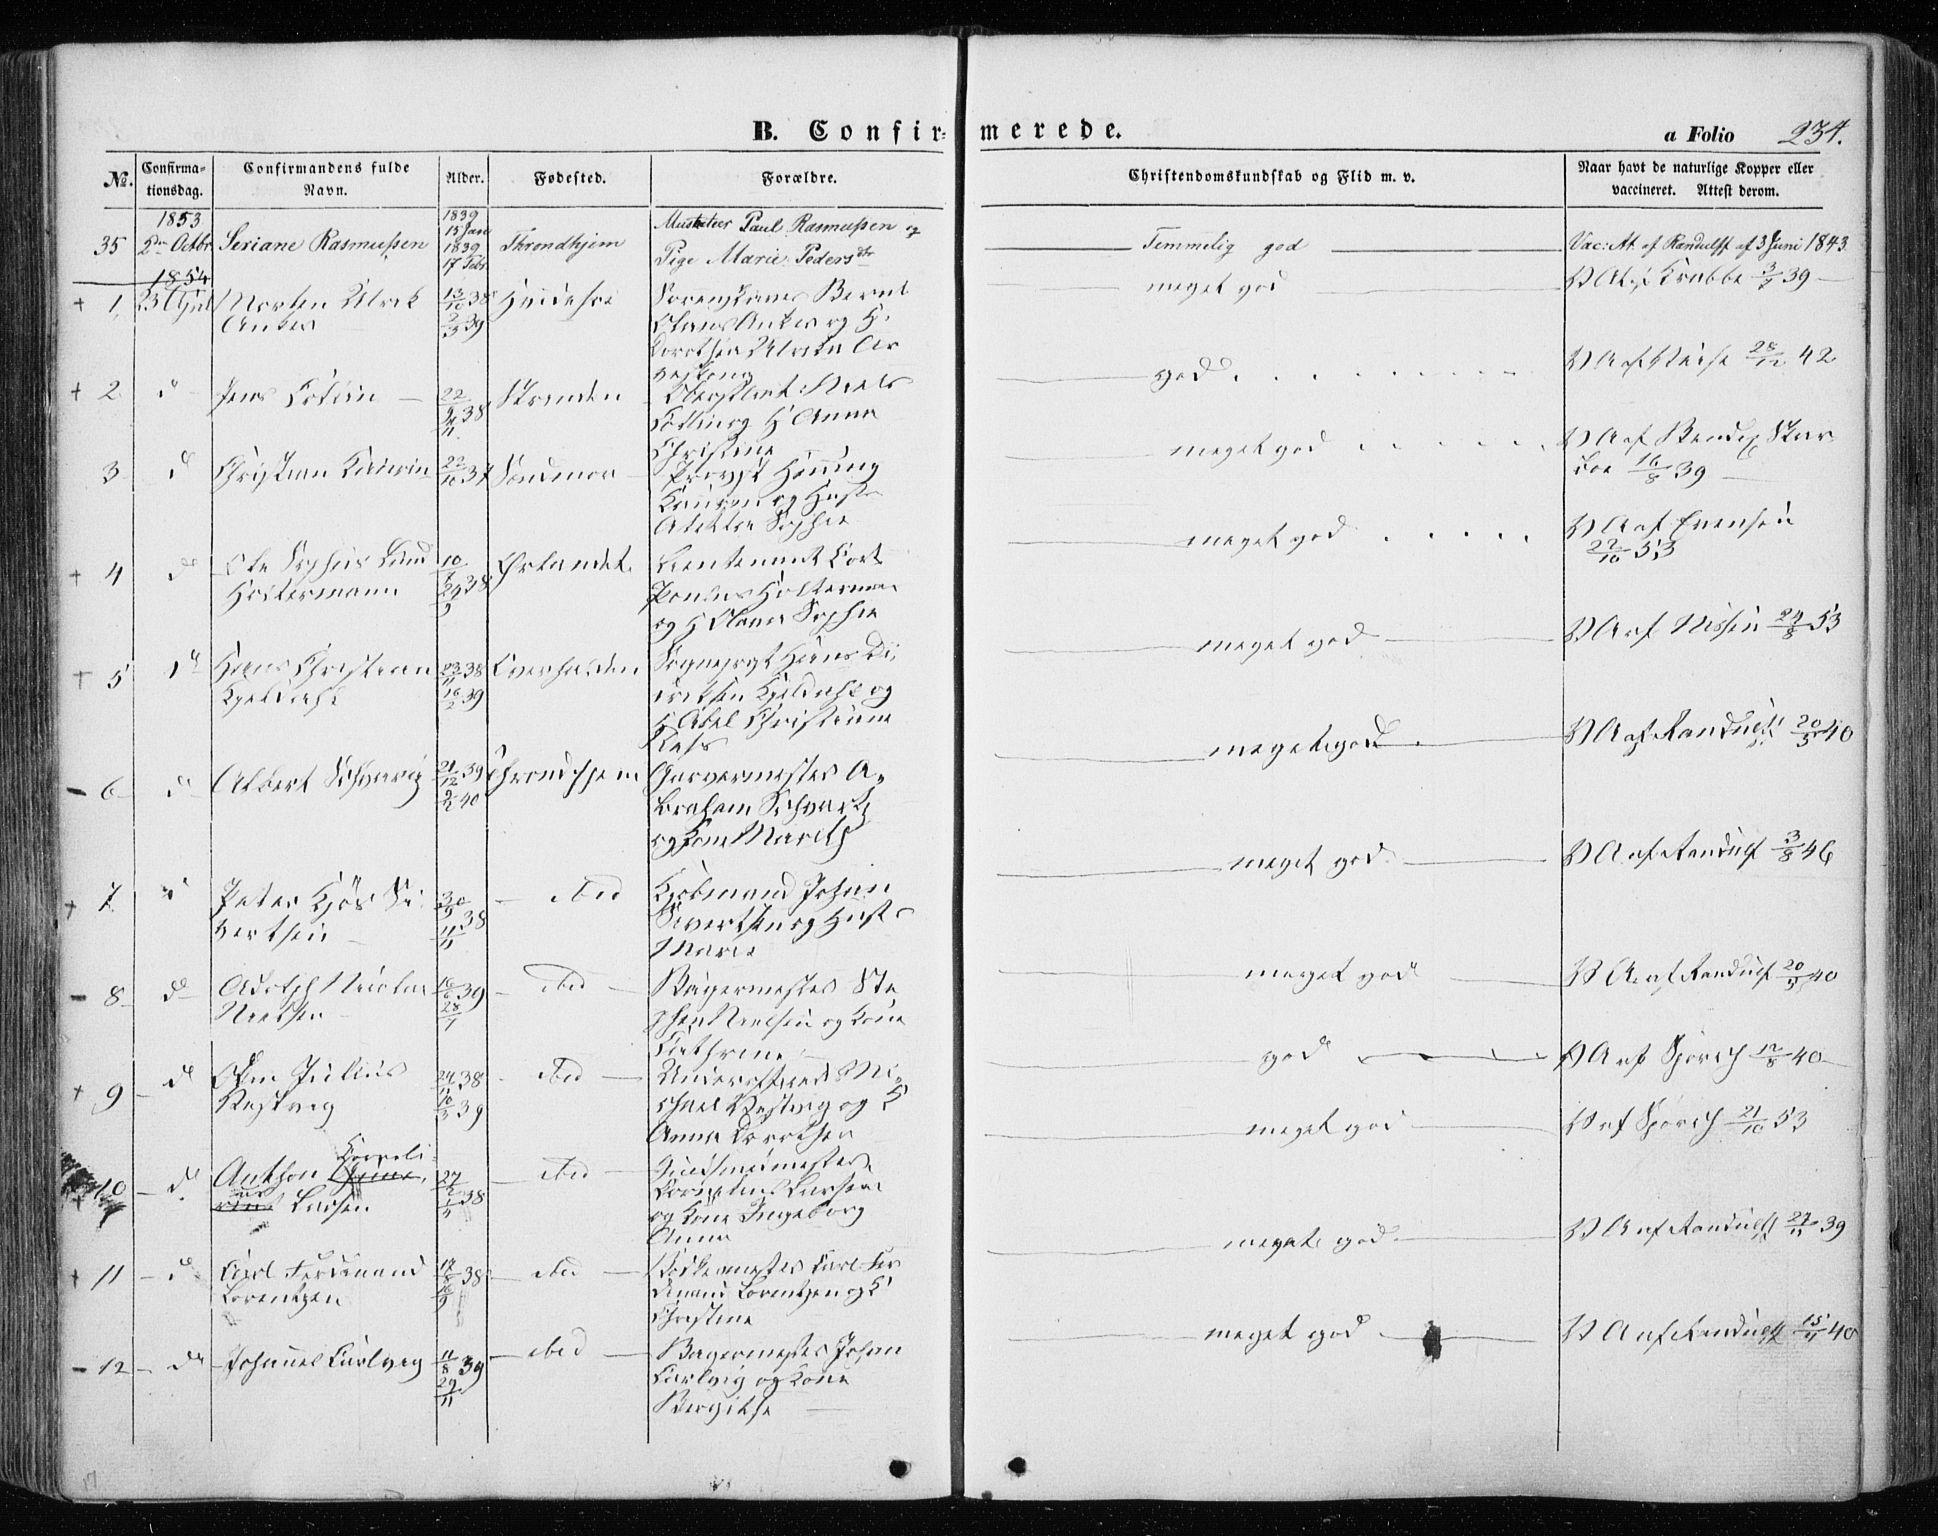 SAT, Ministerialprotokoller, klokkerbøker og fødselsregistre - Sør-Trøndelag, 601/L0051: Ministerialbok nr. 601A19, 1848-1857, s. 234